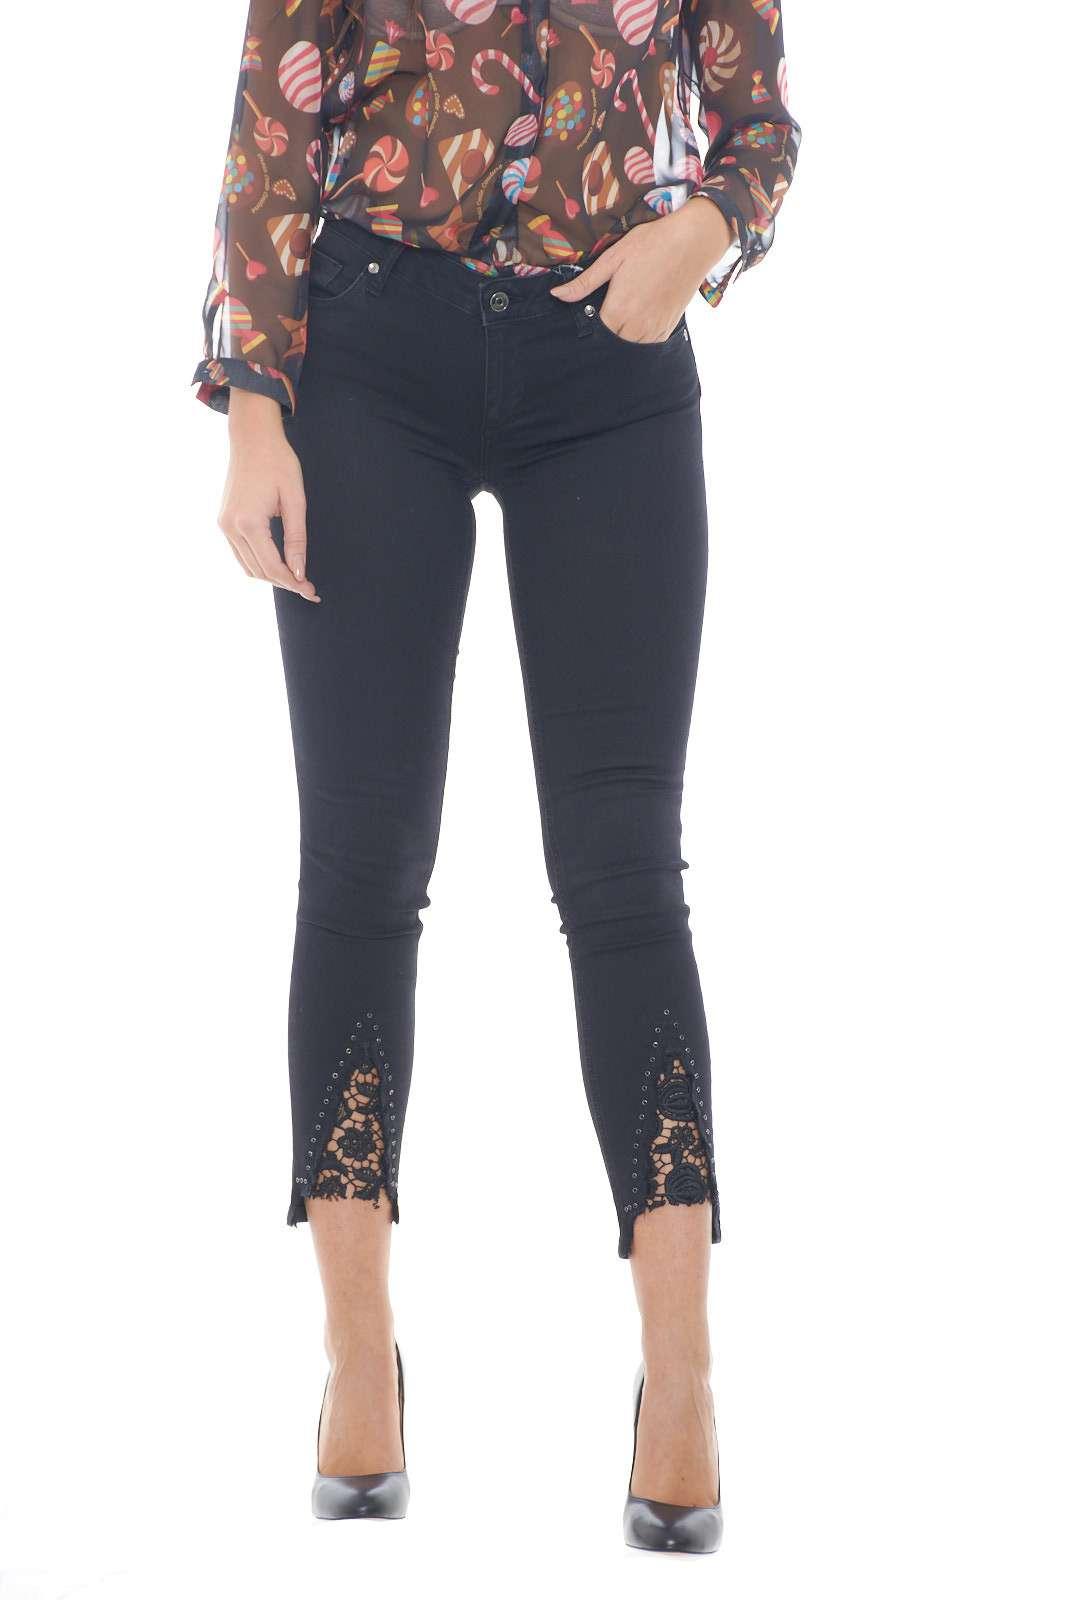 Un pantalone all'apparenza semplice e classico, con un dettaglio esclusivo e chic, che regala un tocco glamour inaspettato: il ricamo floreale sul fondo gamba. La vestibilità bottom up, poi, lo rende aderente, ma non stretto, per una silhouette femminile e curata.